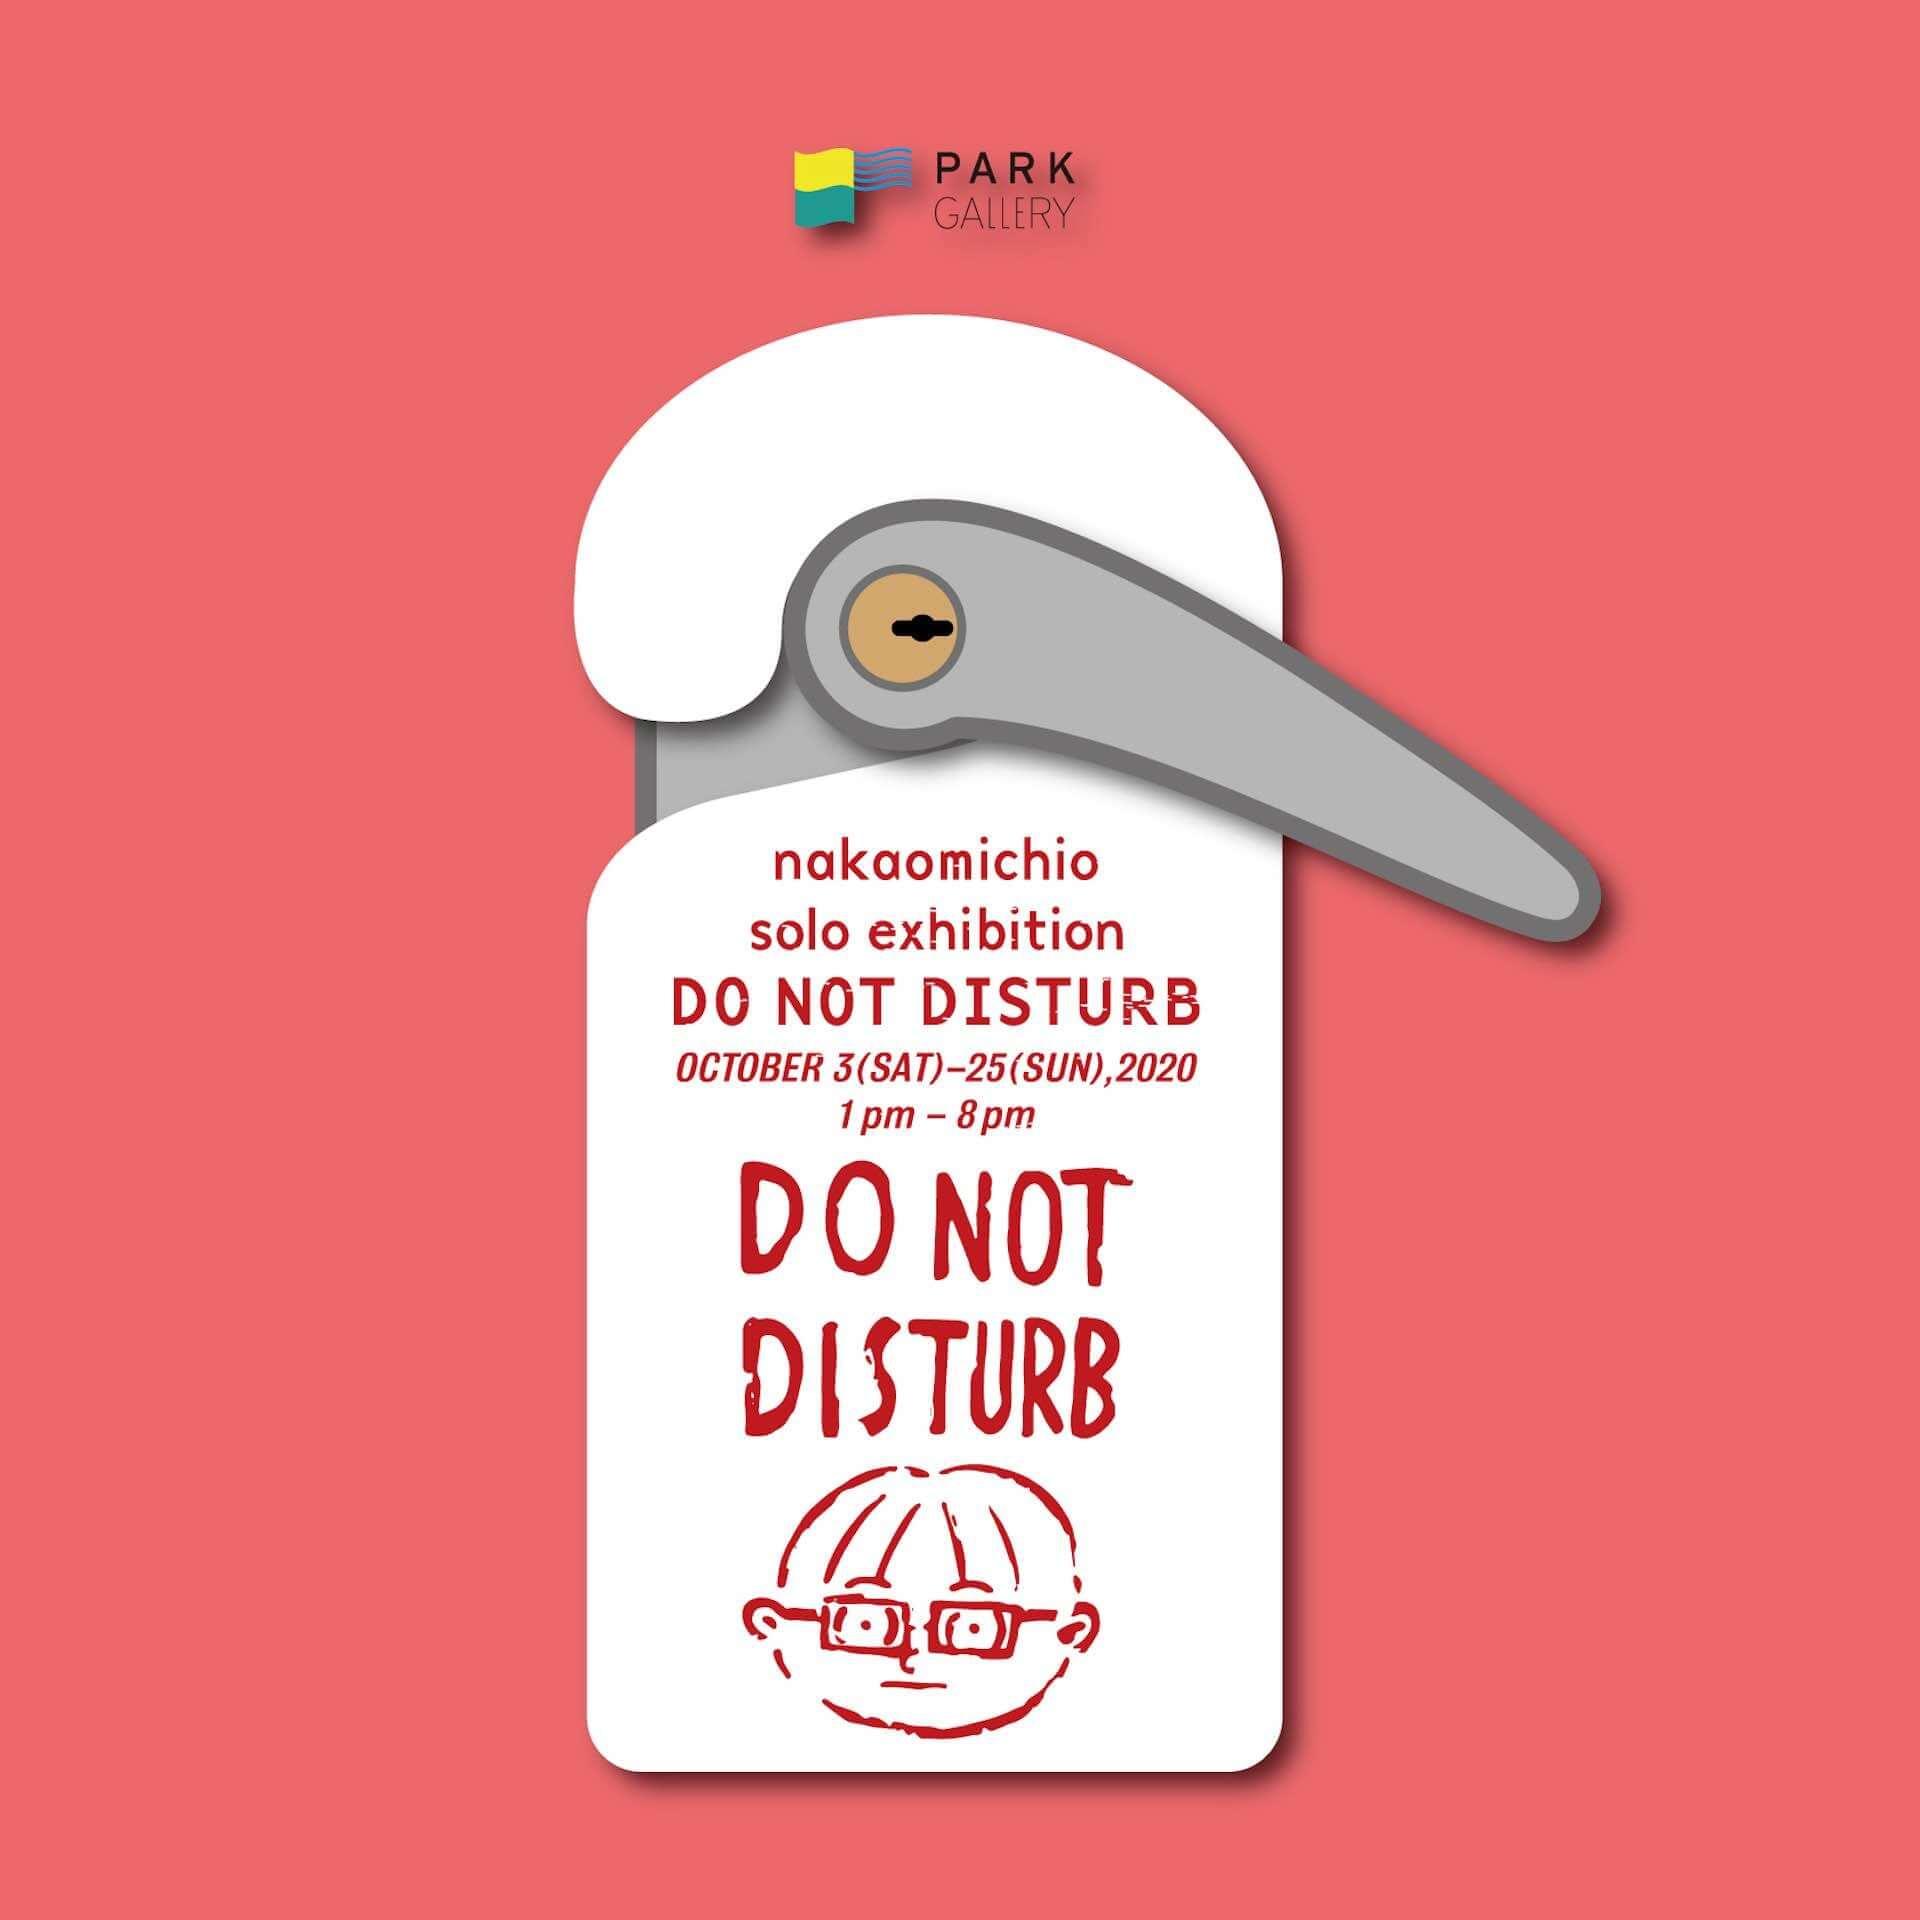 イラストレーター・なかおみちおが3年ぶりの個展<DO NOT DISTURB>をPARK GALLERYにて開催決定!新作も展示 art200924_nakaomichio_8-1920x1920